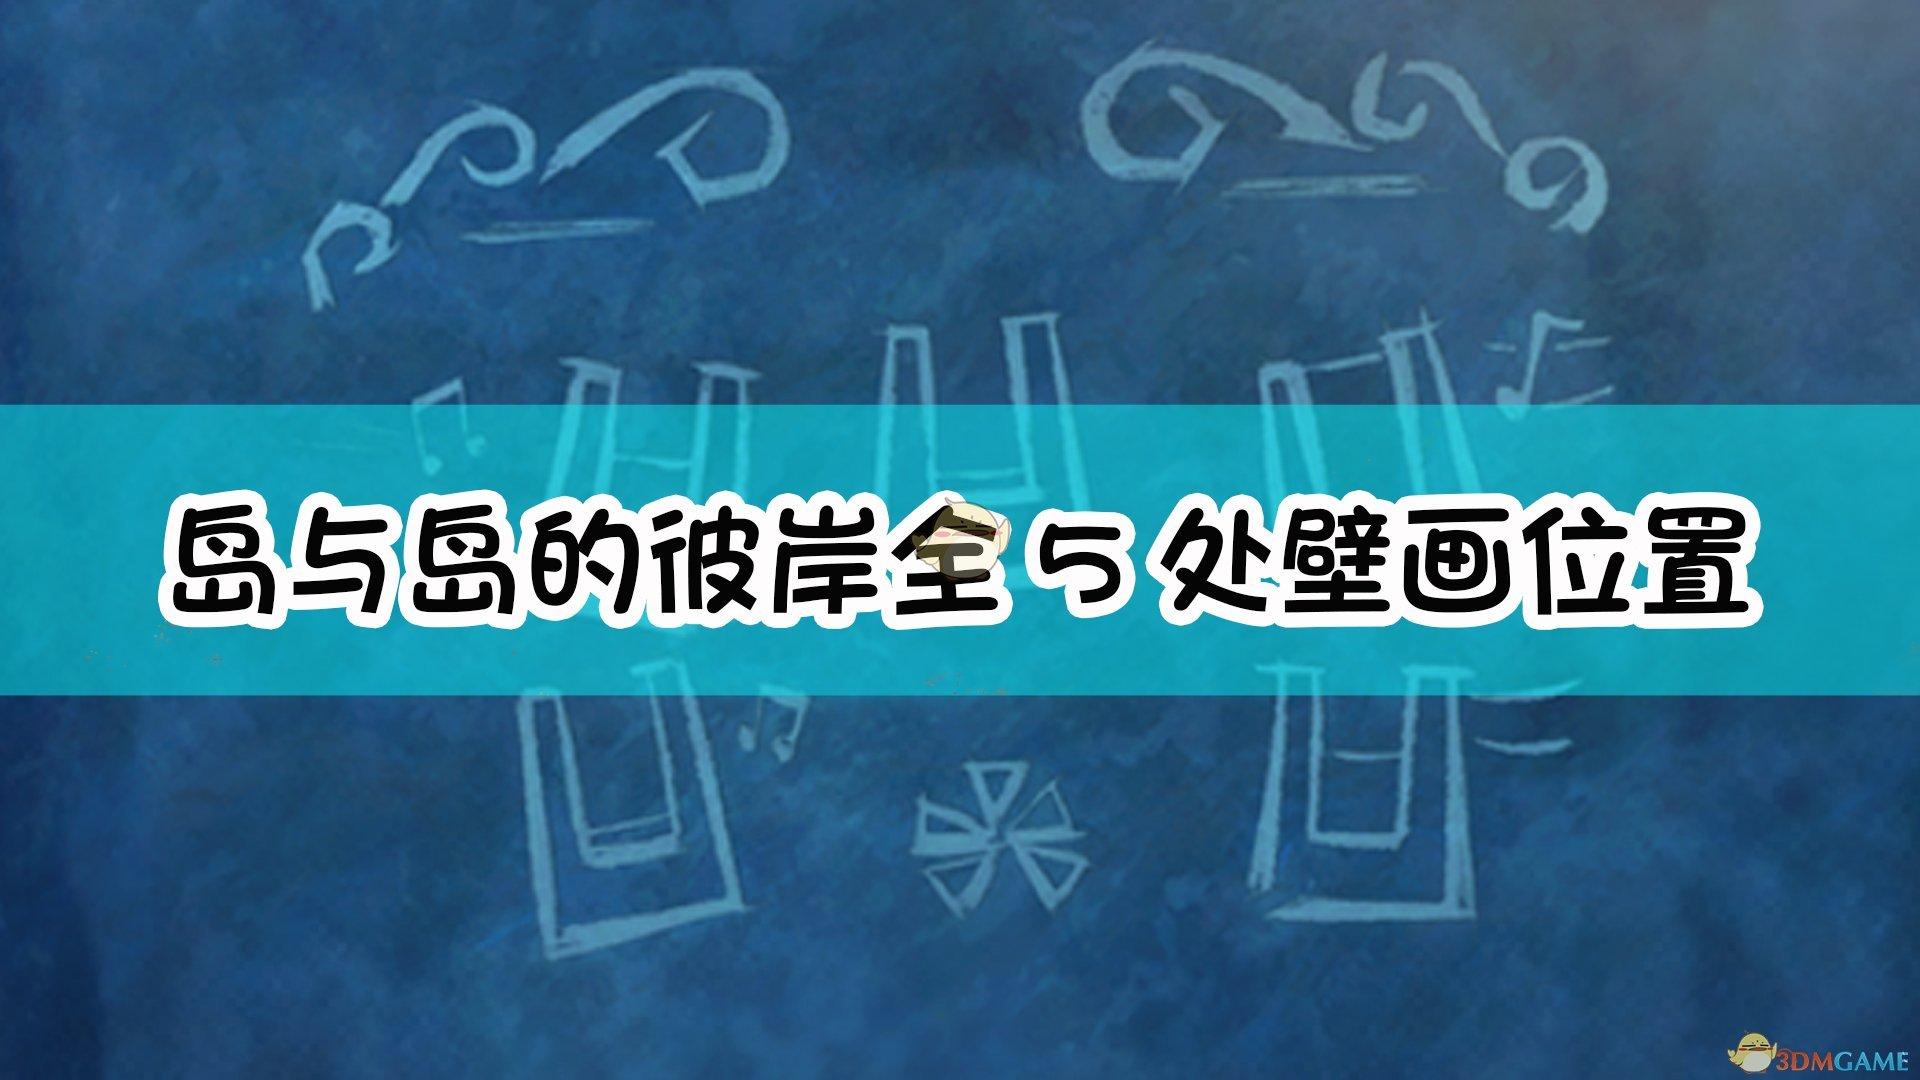 《原神》島與島的彼岸全5處壁畫位置一覽